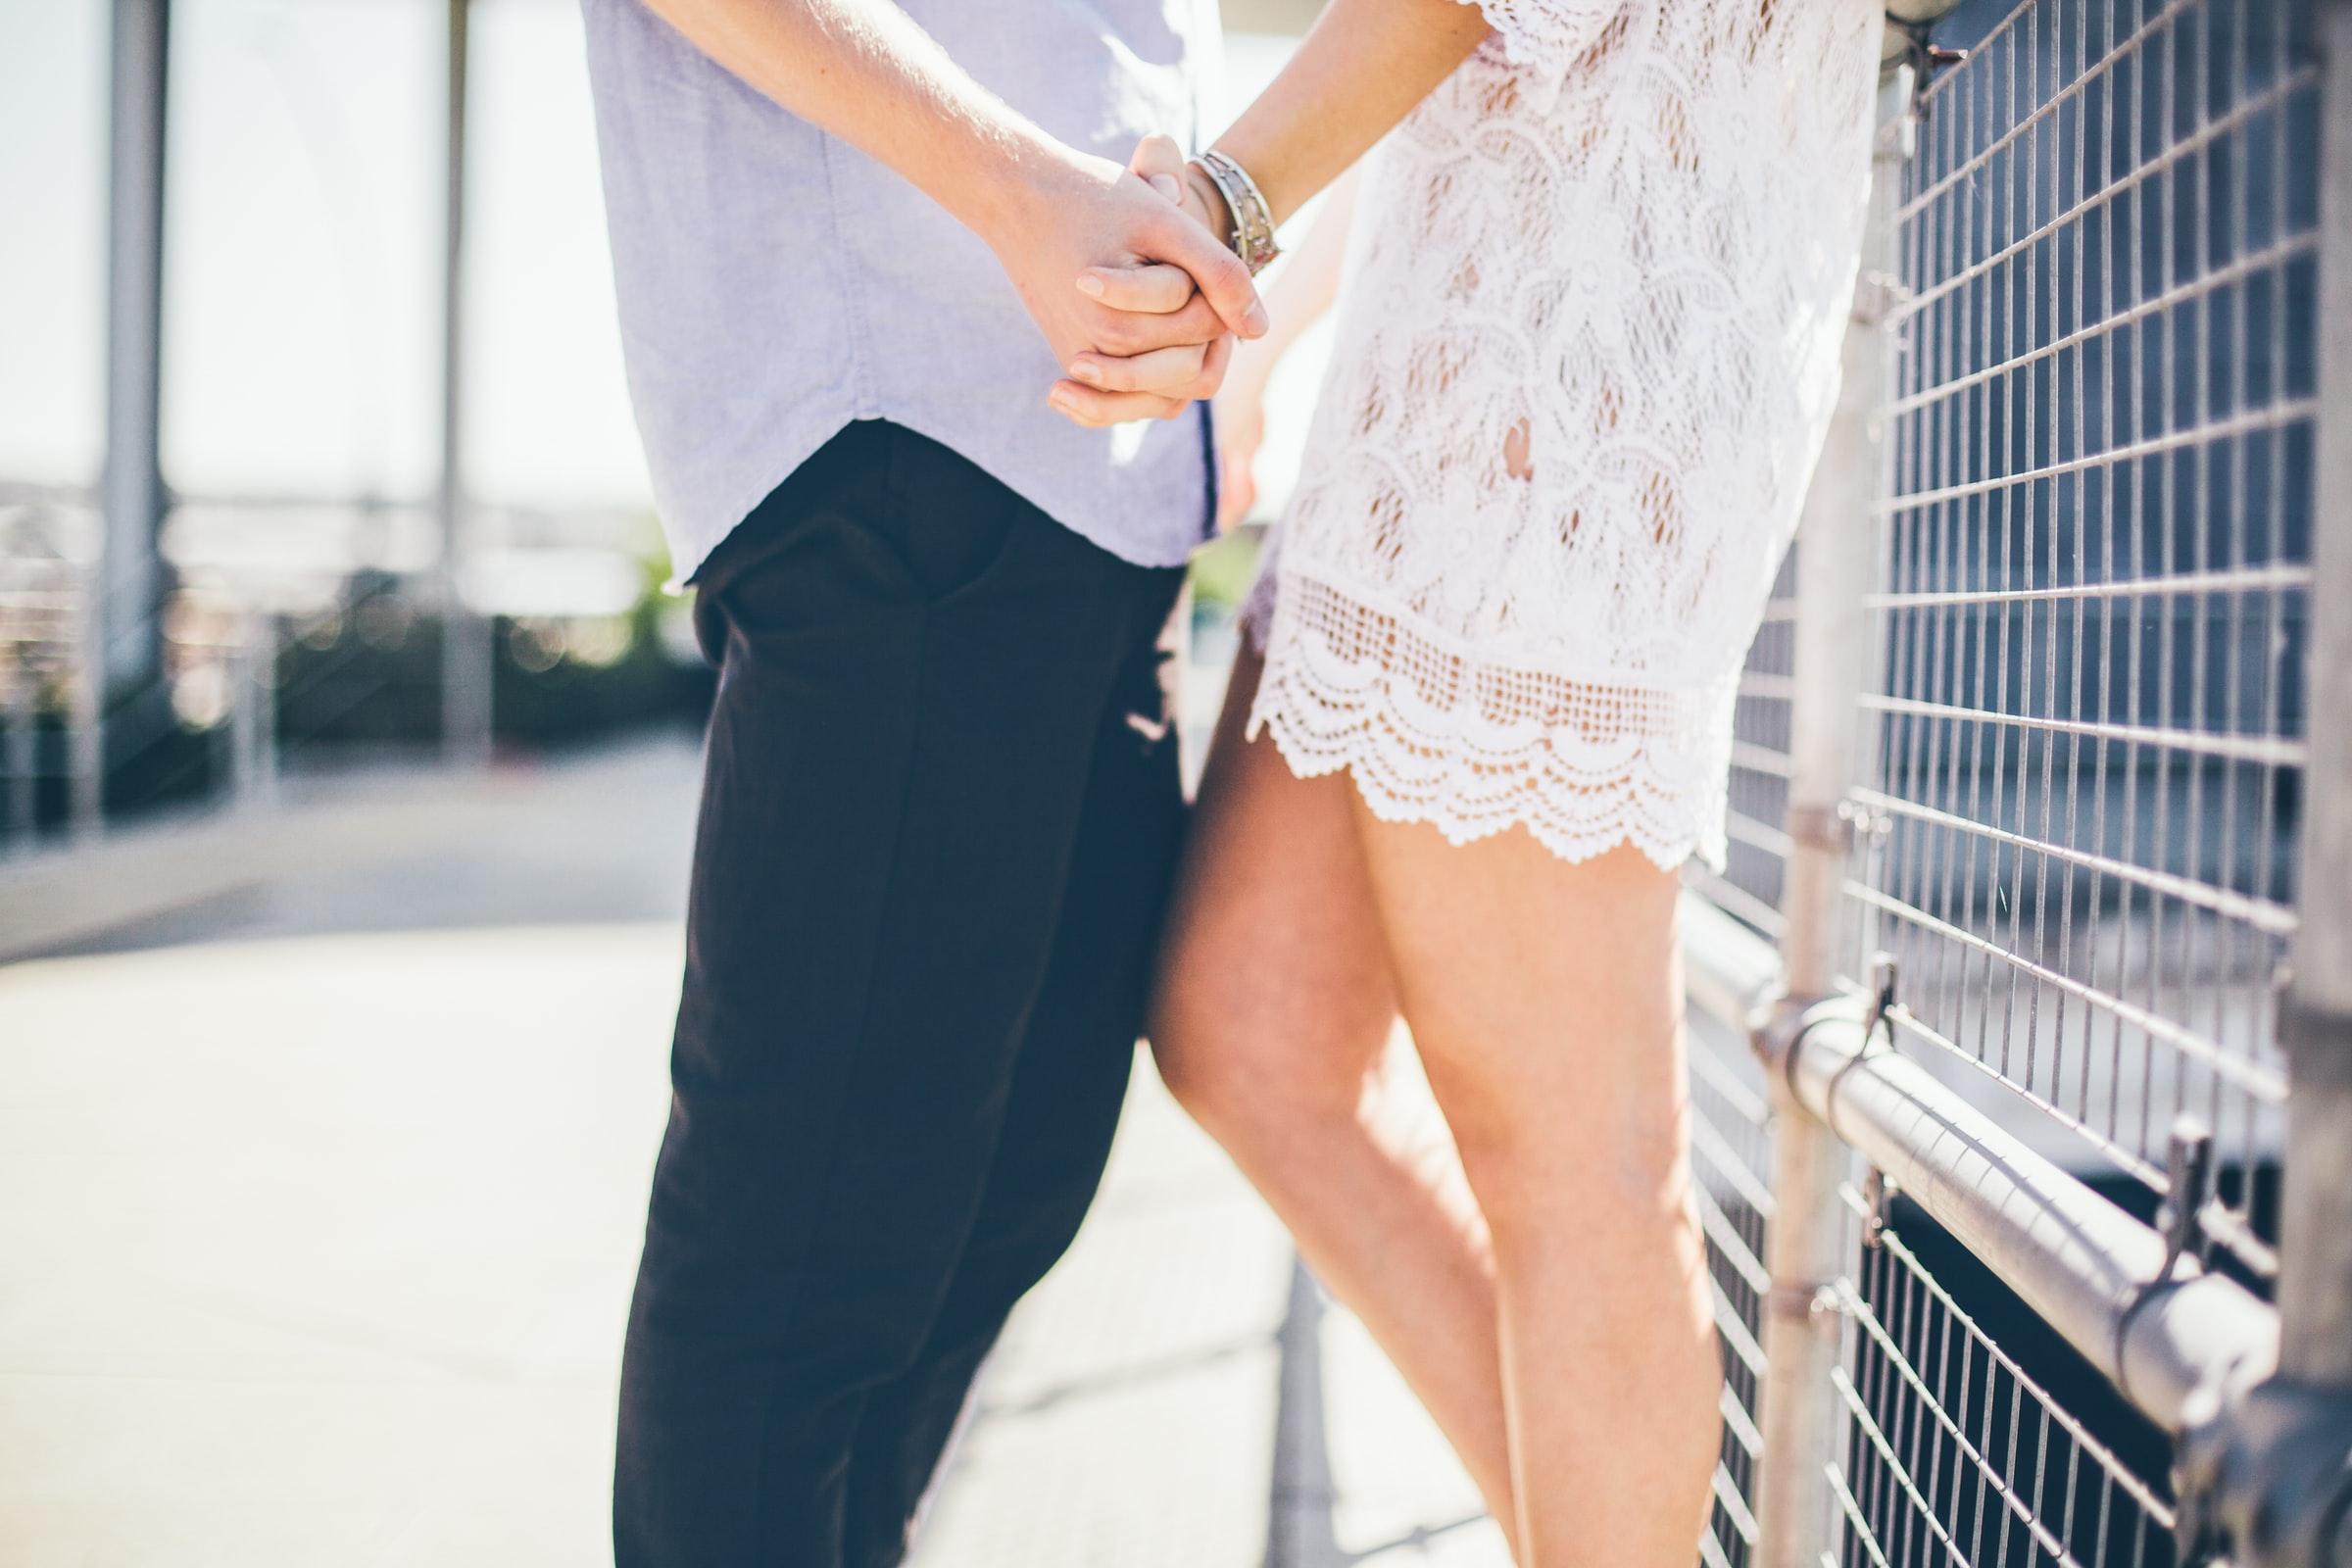 恋愛を成功させる秘訣は「彼にとっての『完璧な女性』を目指さないこと」